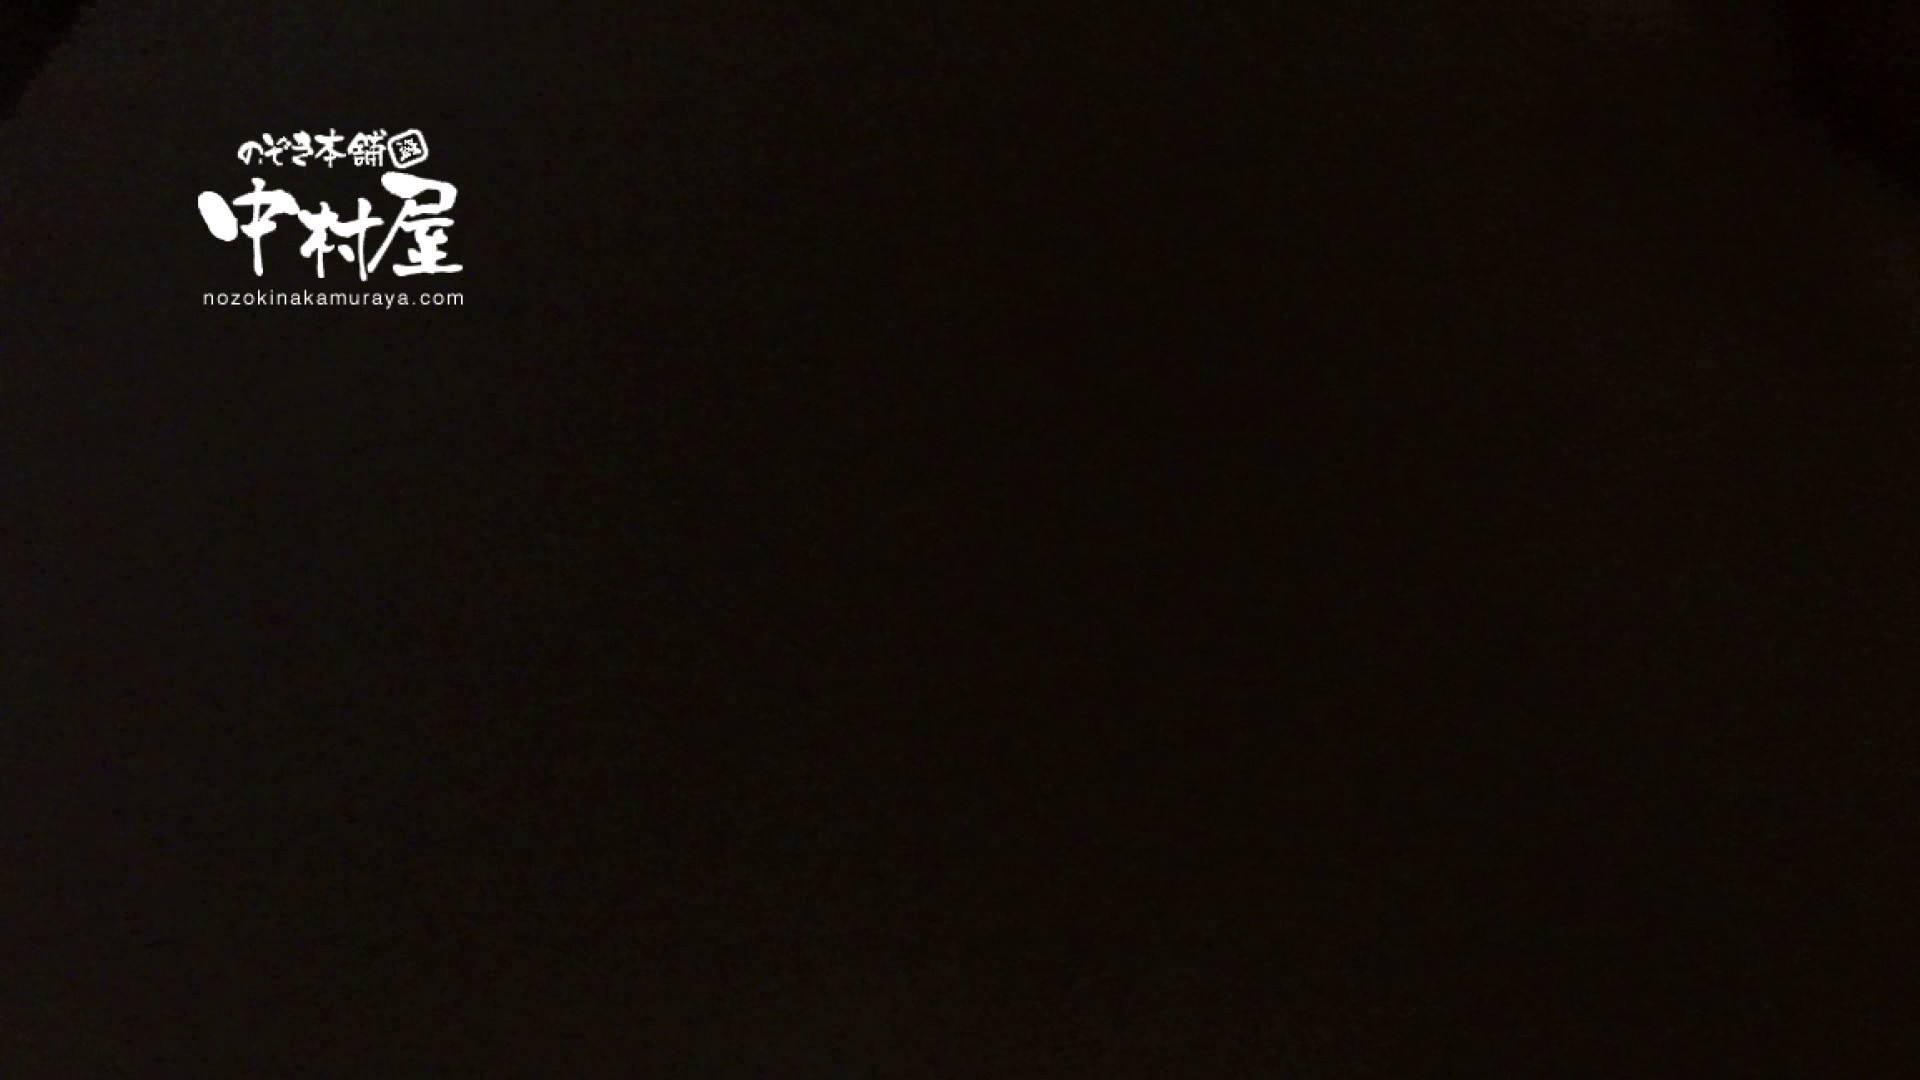 鬼畜 vol.10 あぁ無情…中出しパイパン! 後編 鬼畜 覗き性交動画流出 106画像 18